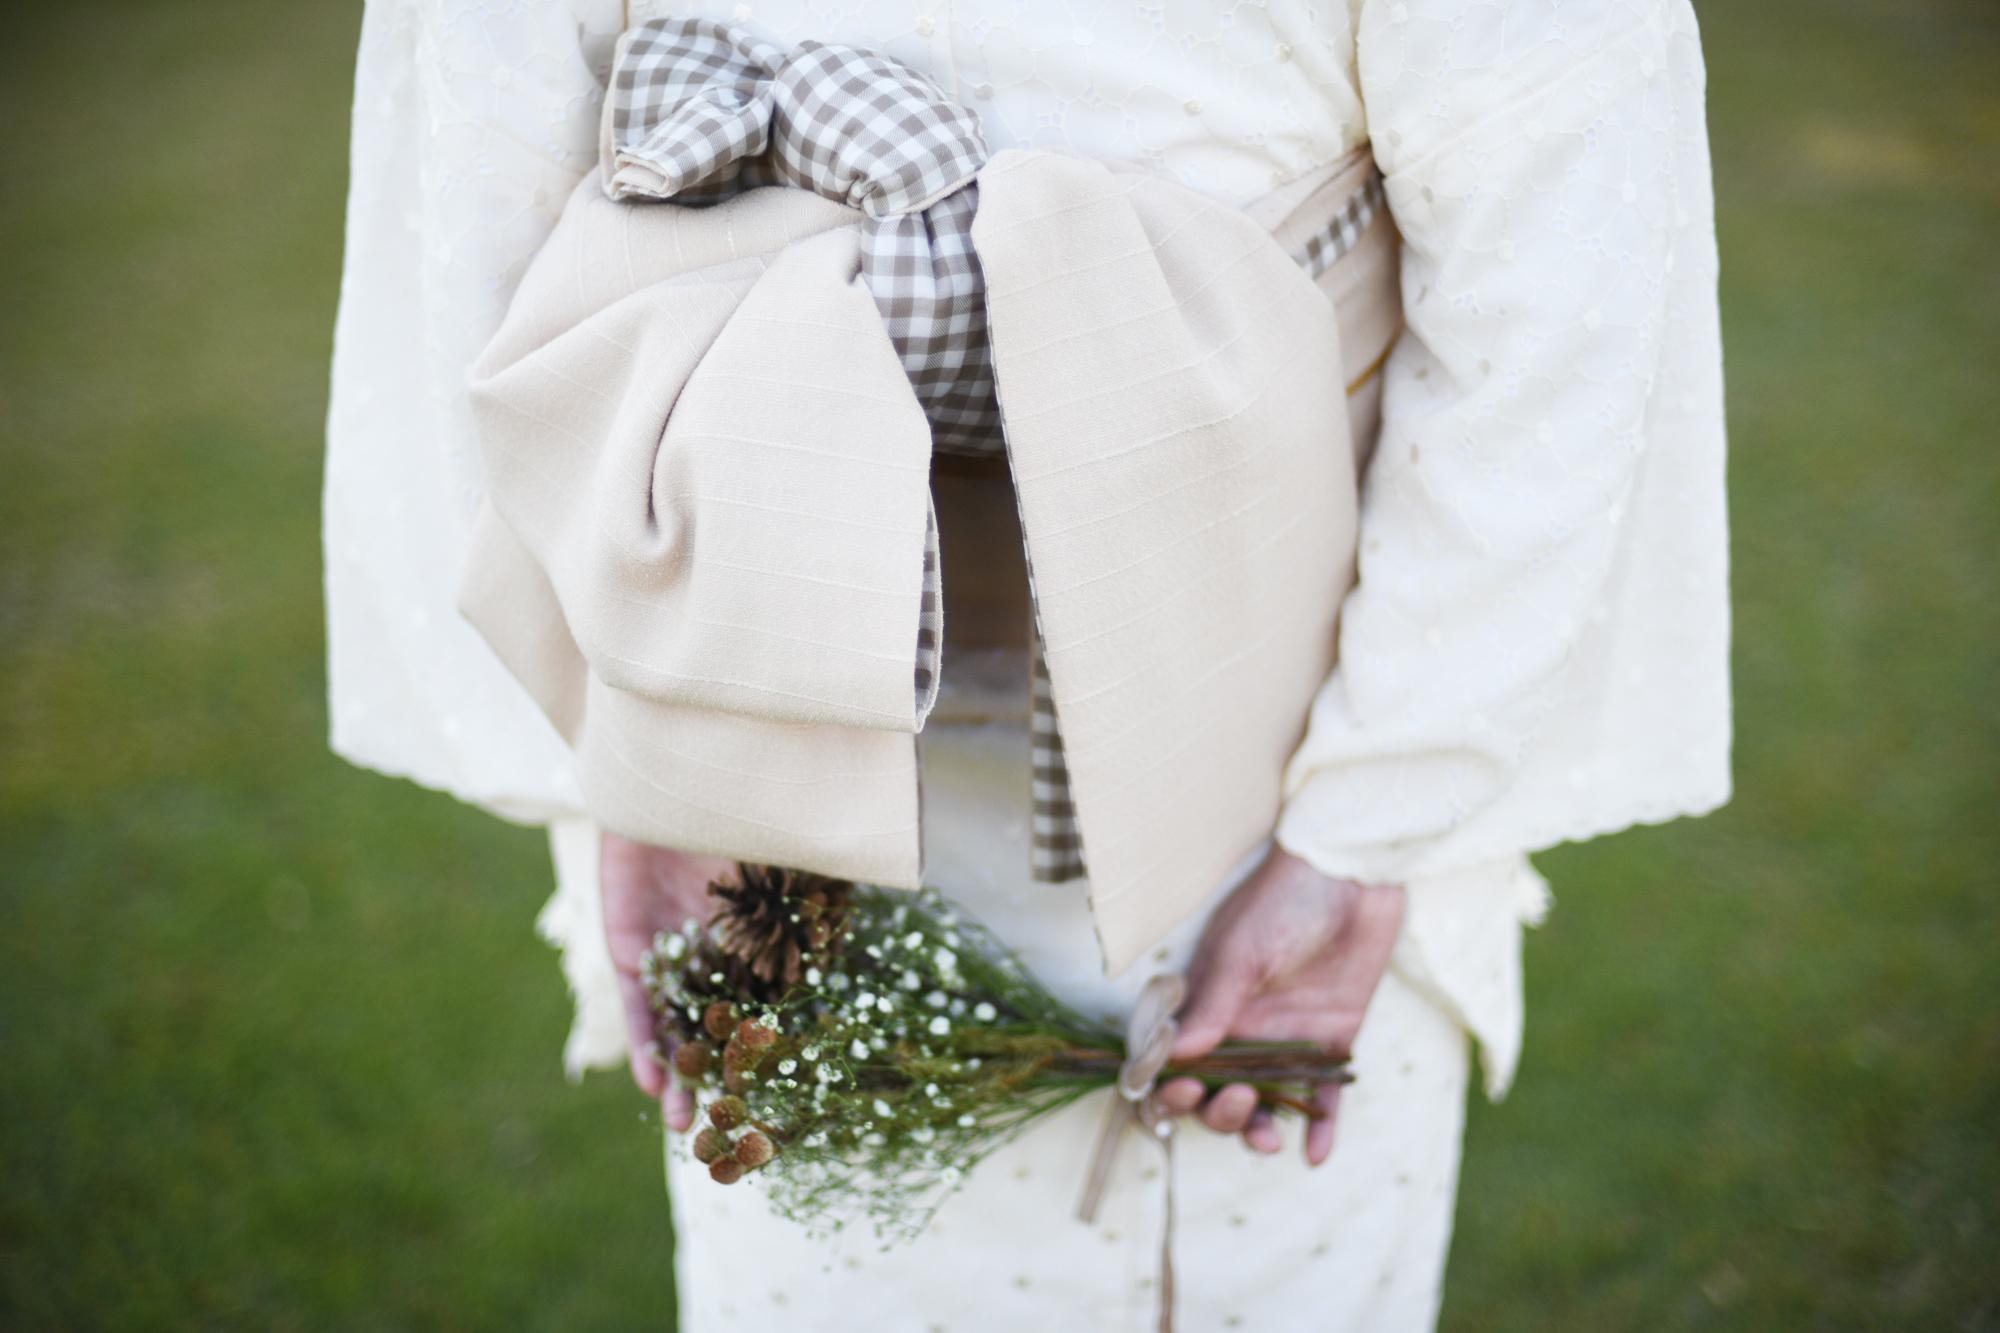 クリーニングのしすぎもダメ?着用後、着物の正しいお手入れ方法とは?